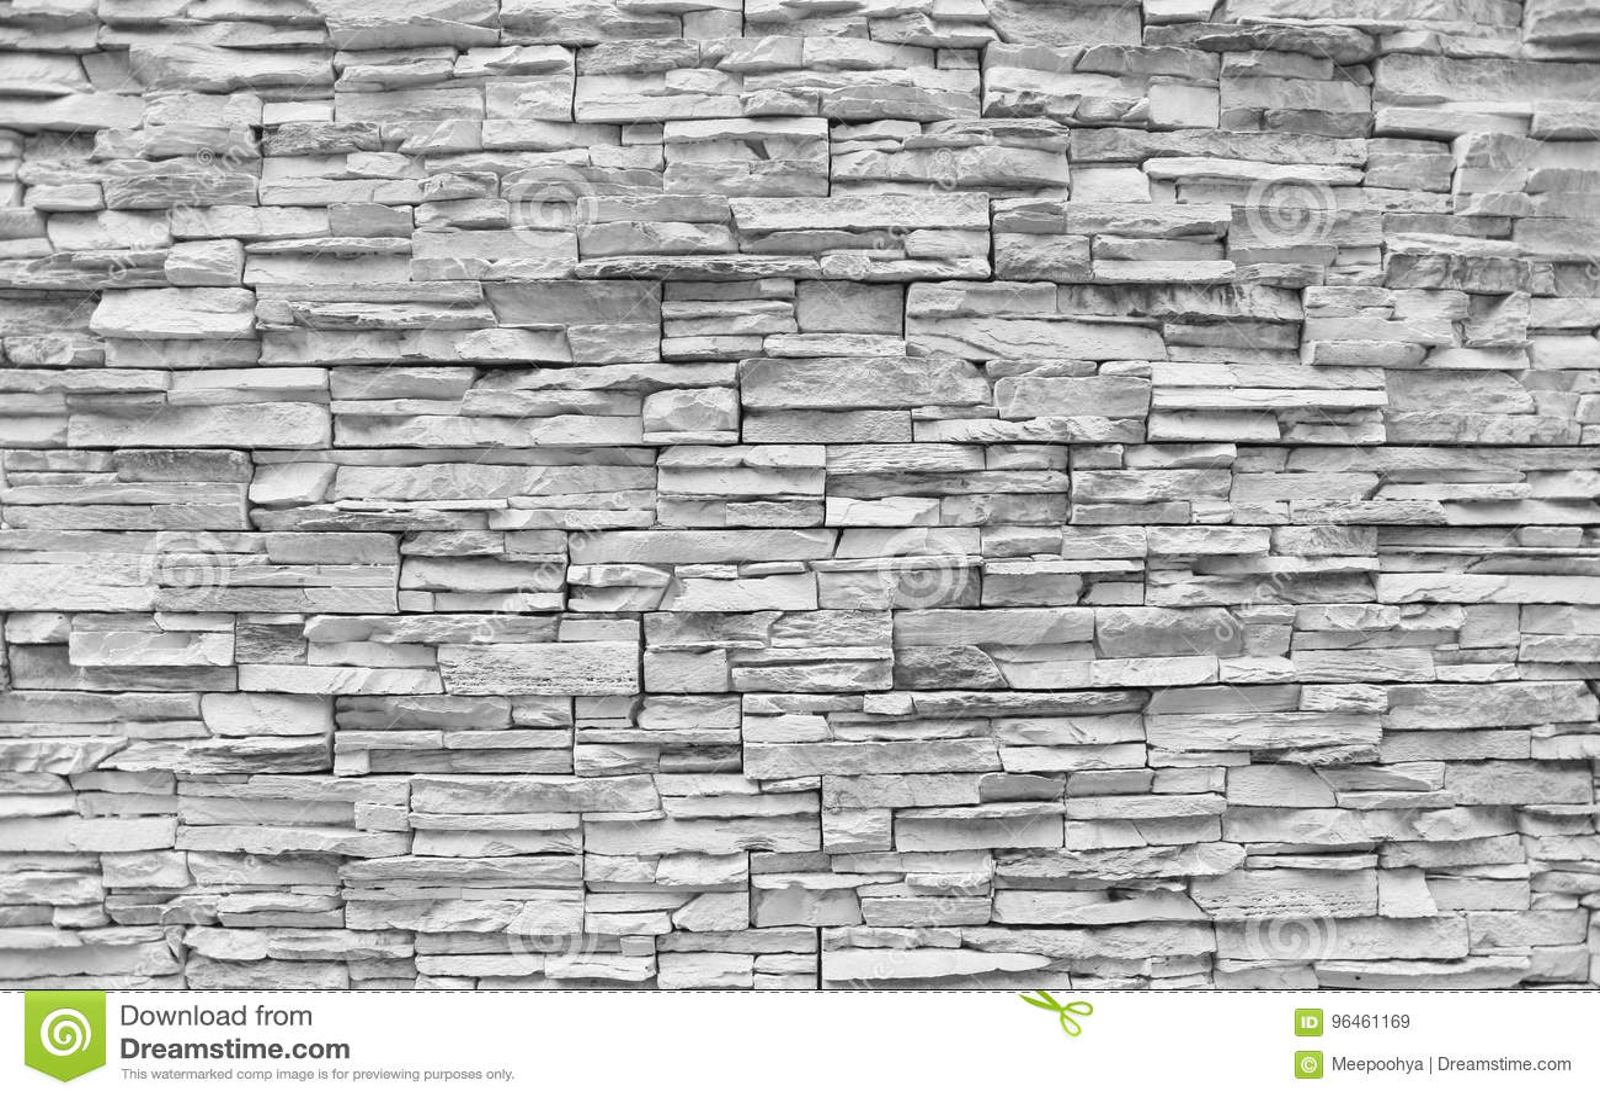 mur en pierre de brique blanche image stock image du concret cass 96461169. Black Bedroom Furniture Sets. Home Design Ideas